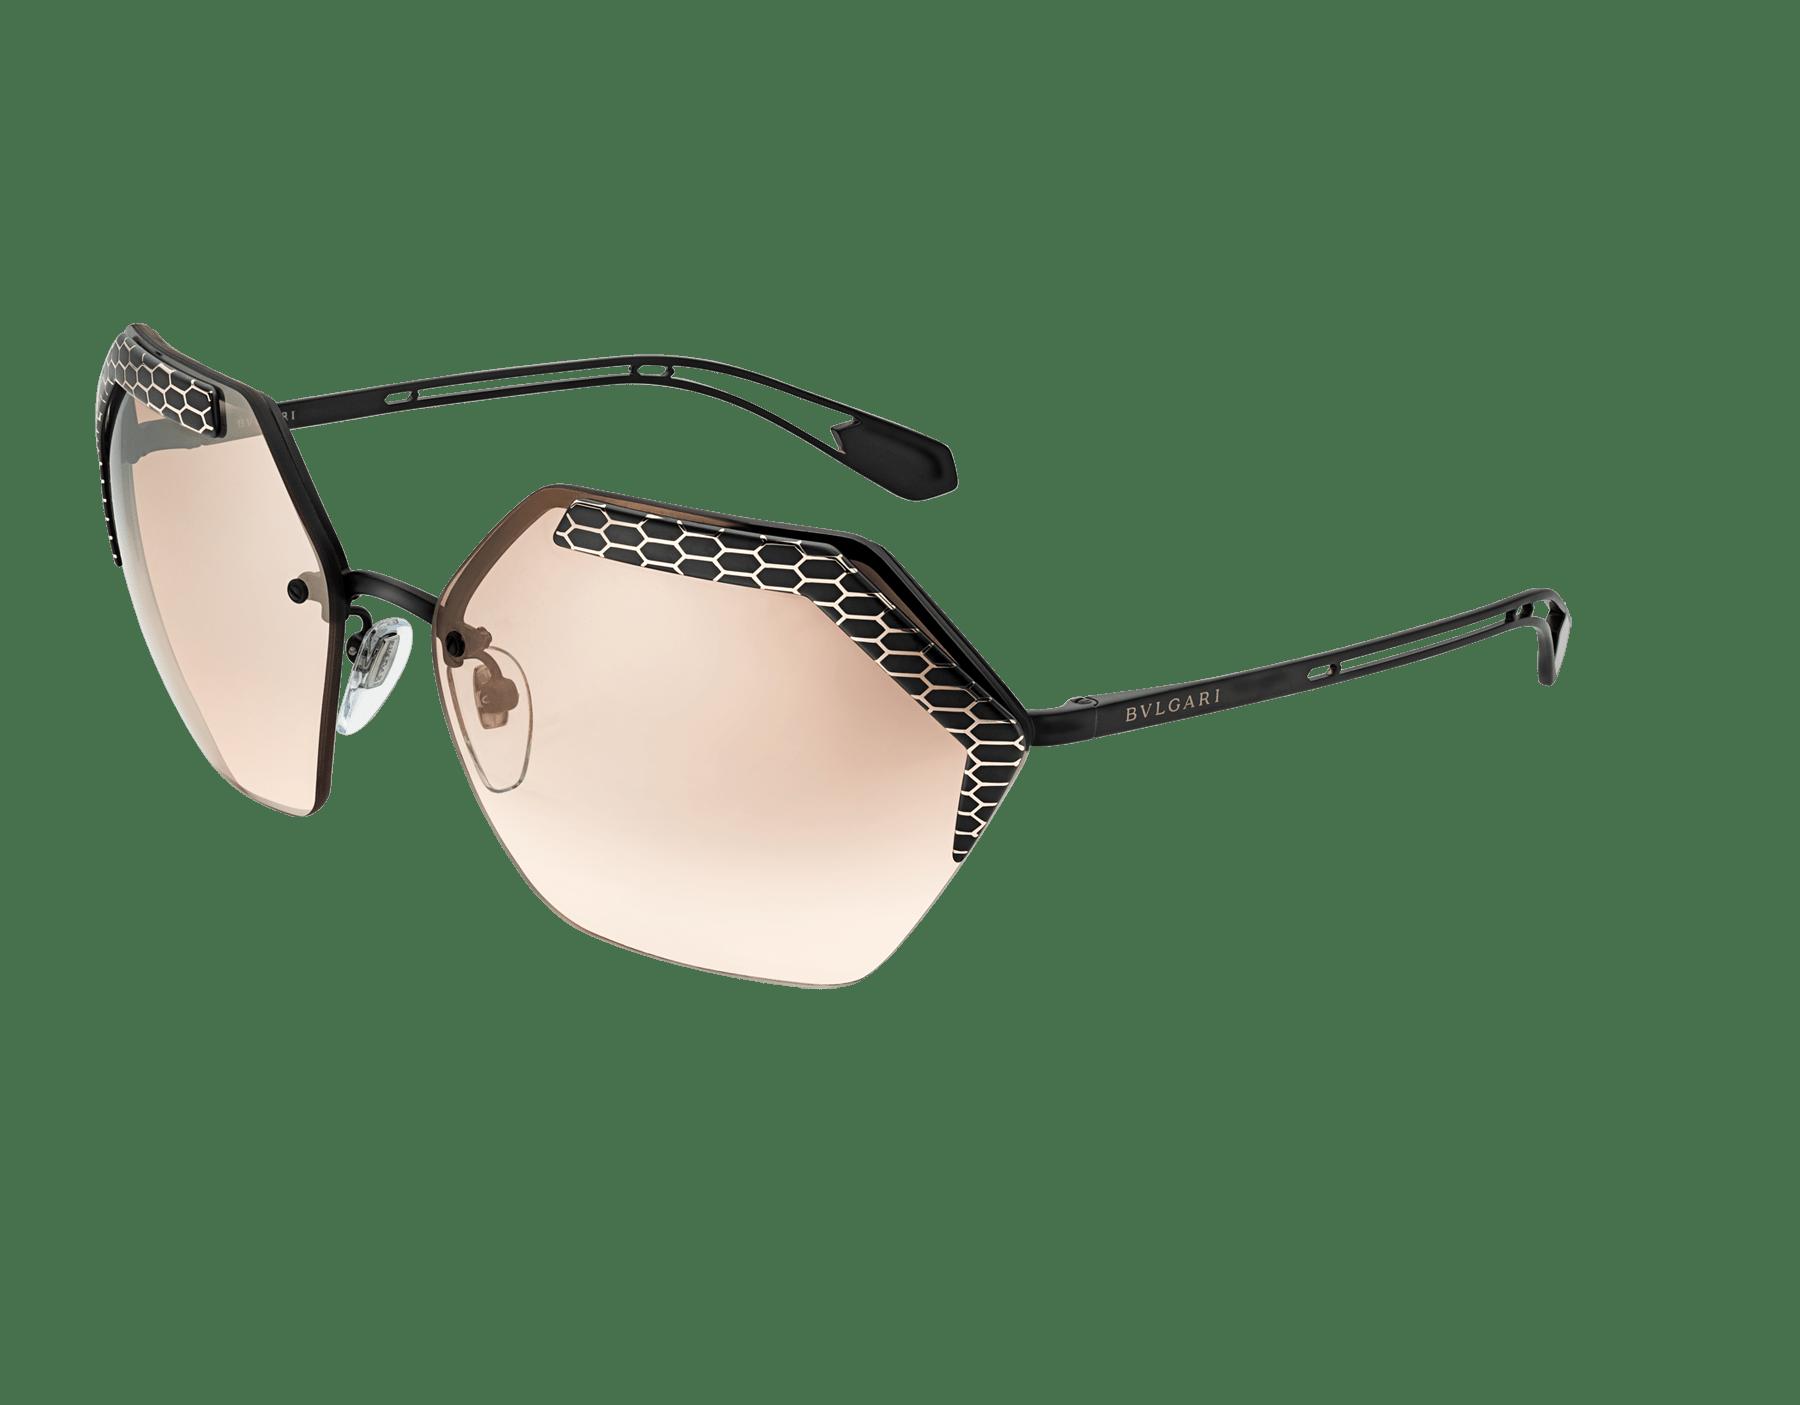 نظارات شمسية سيربينتايز ريفولوشن معدنية سداسية الشكل منحنية. 904007 image 1